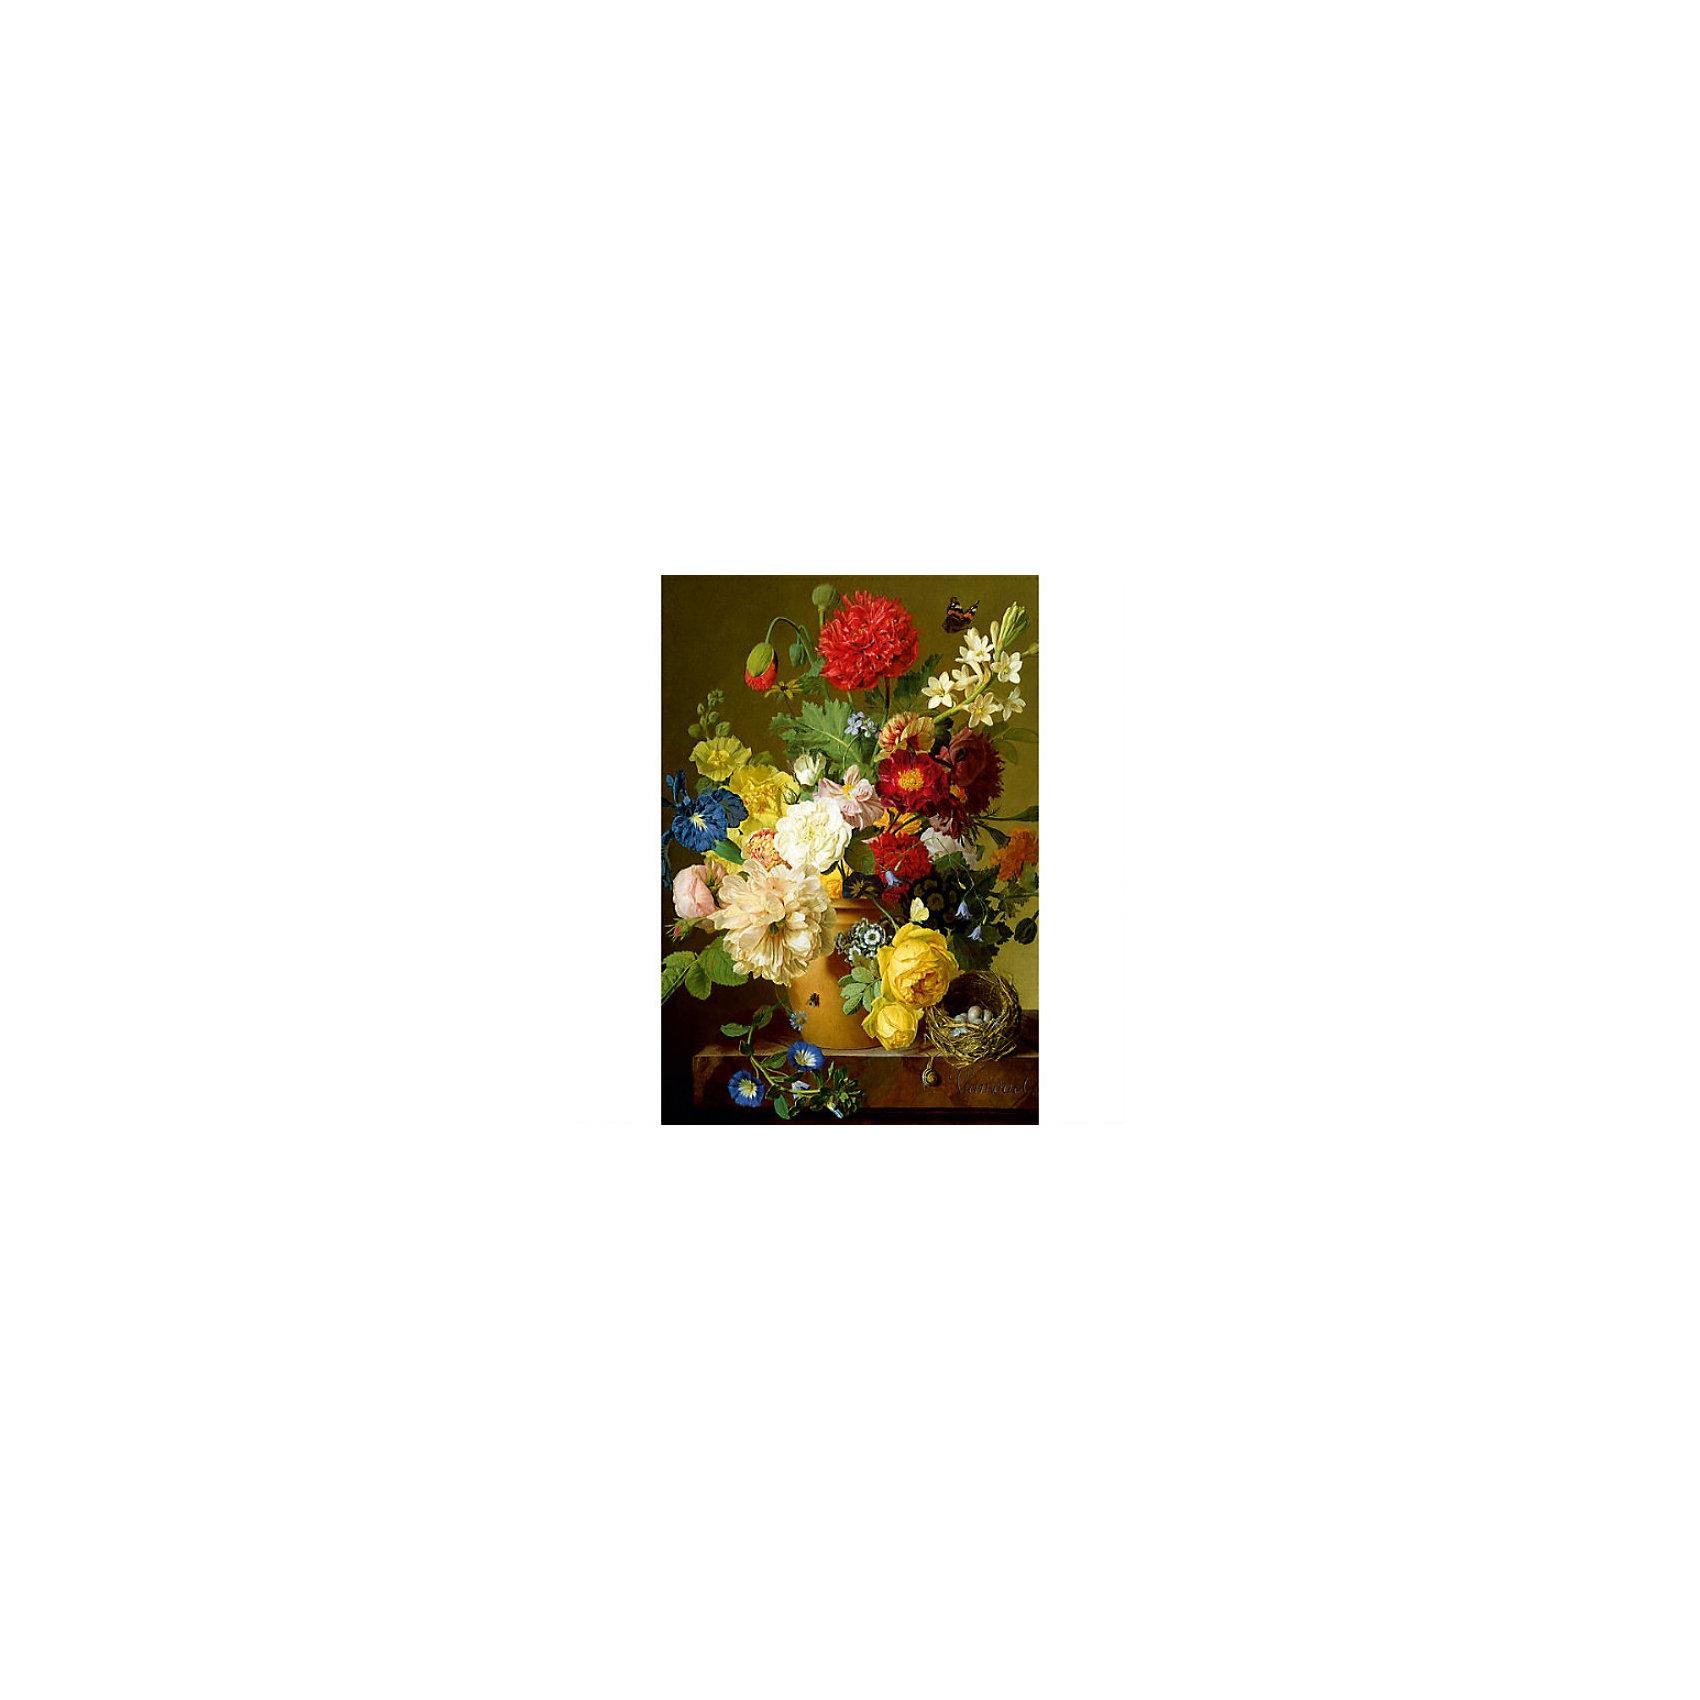 Trefl Пазл  Натюрморт с цветами, 1500 деталей, Trefl trefl пазл набор 3 в 1 белоснежка